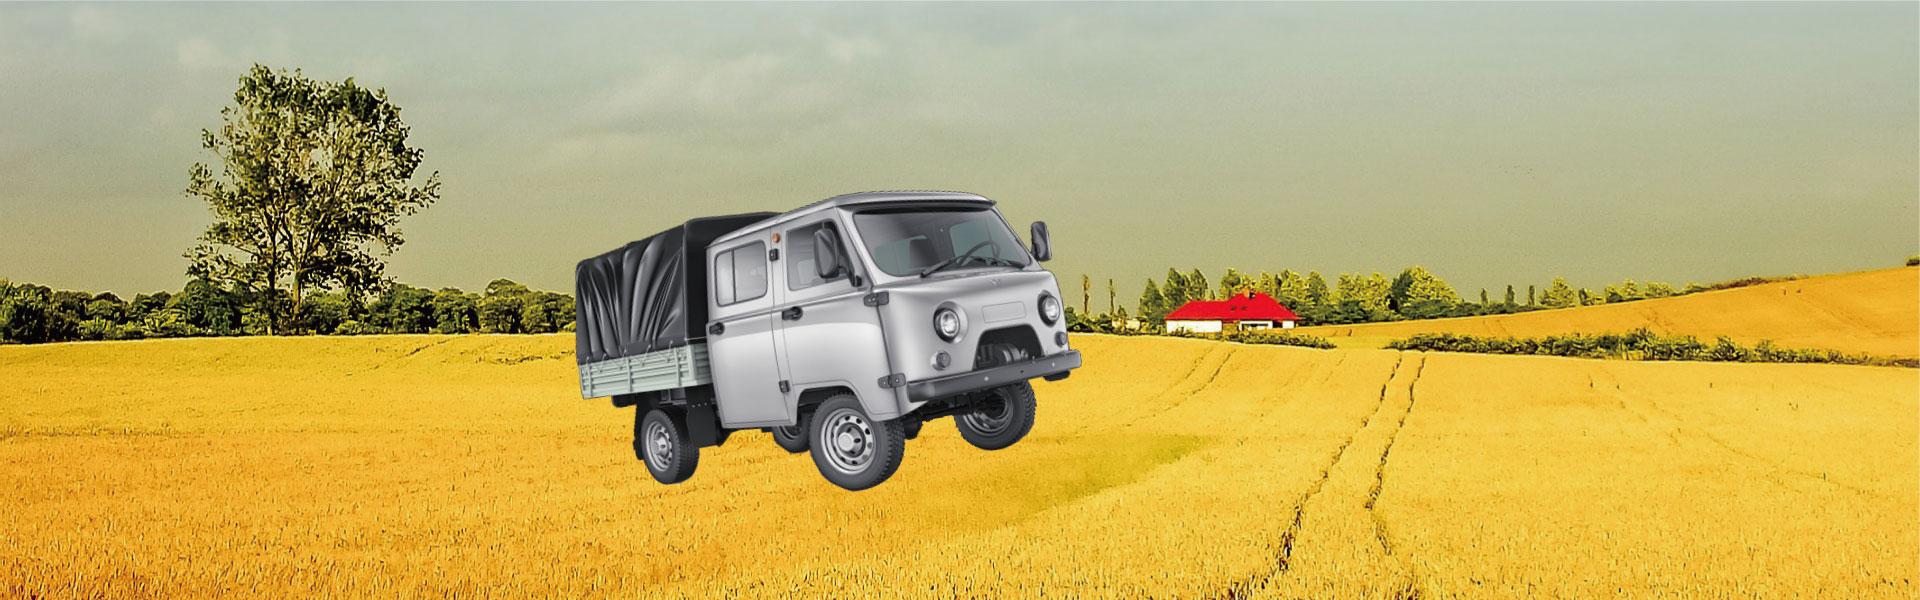 UAZ 39094 |農家